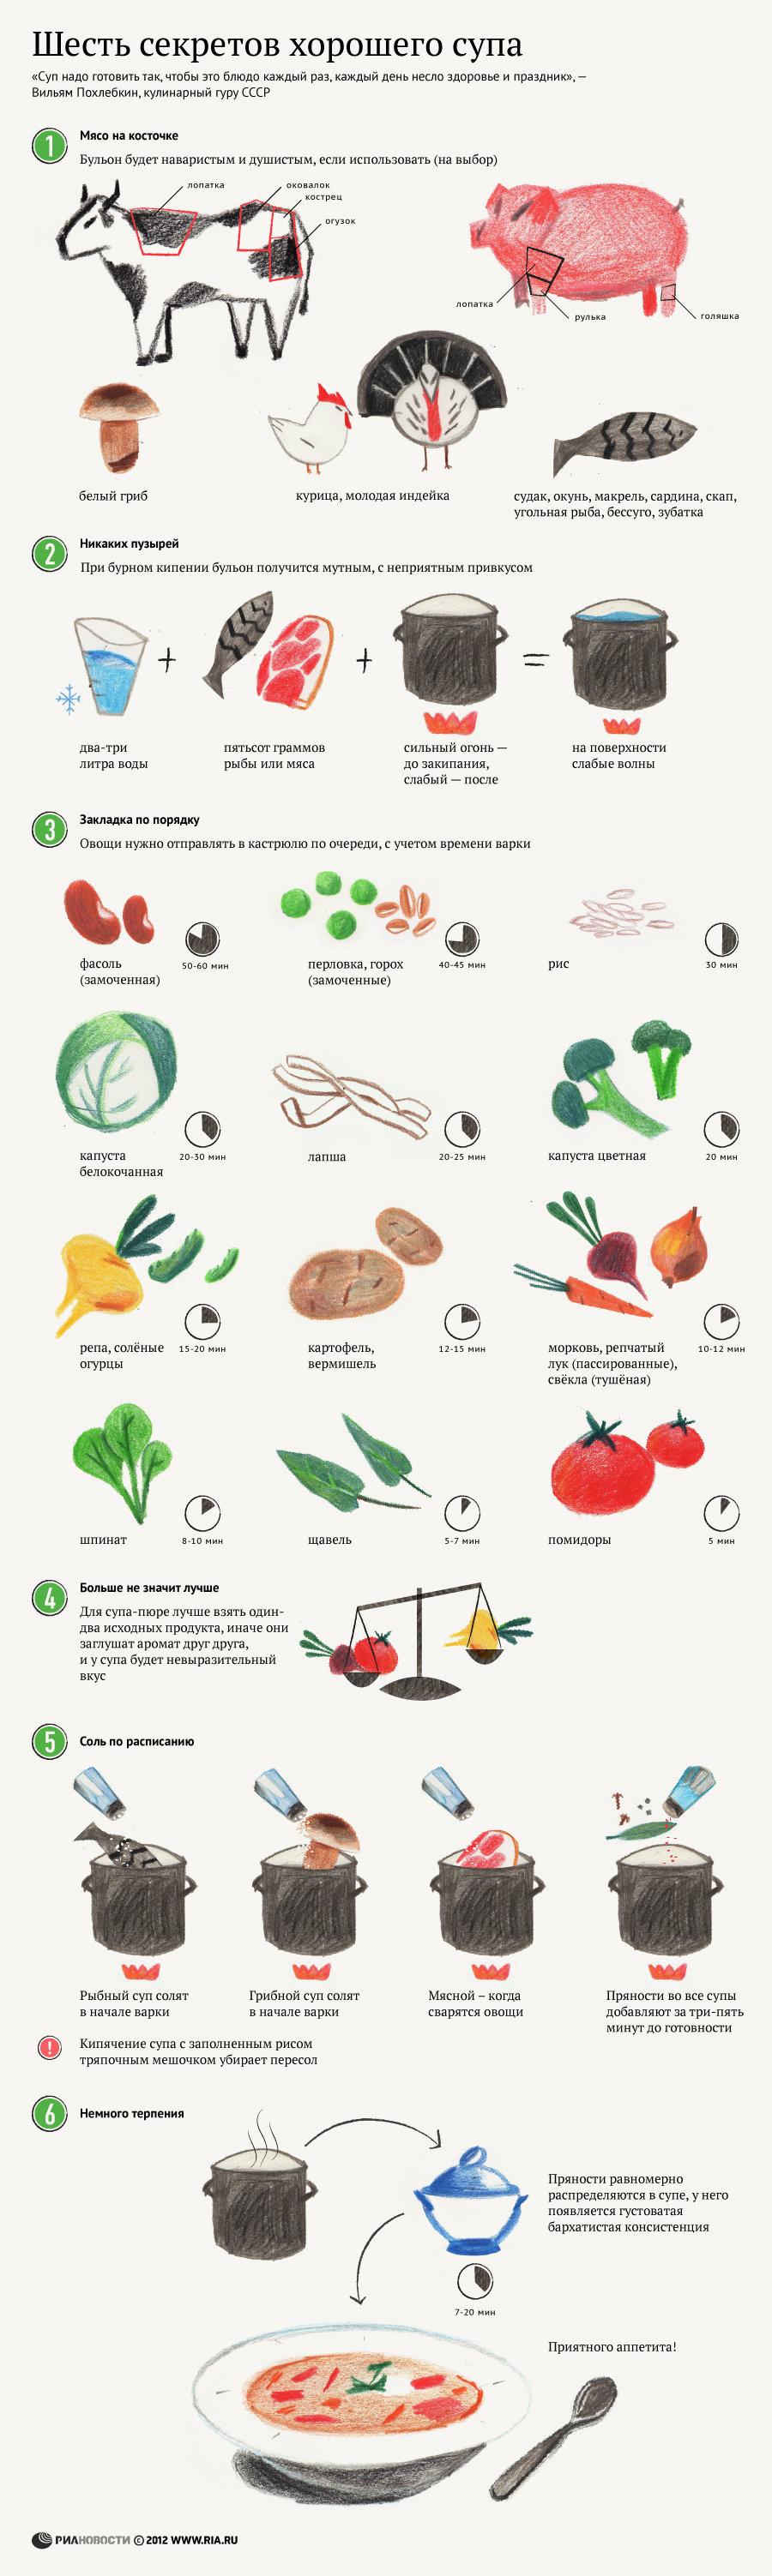 Шесть секретов хорошего супа